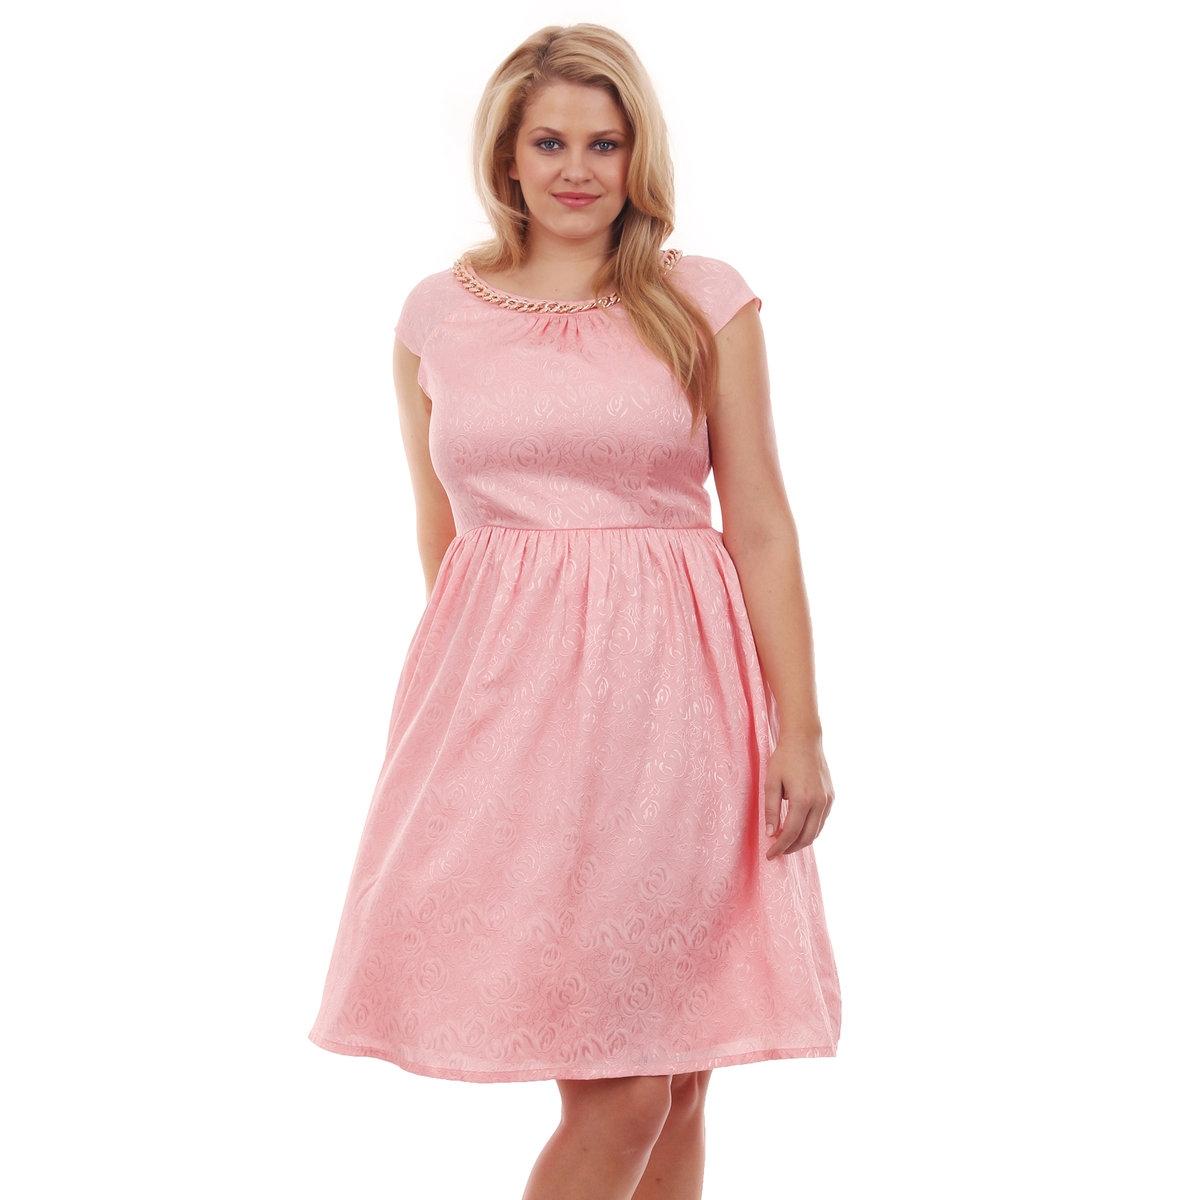 ПЛАТЬЕПлатье короткое KOKO, короткий рукав, длина ок.96 см. 100% полиэстер<br><br>Цвет: розовая пудра<br>Размер: 48 (FR) - 54 (RUS)